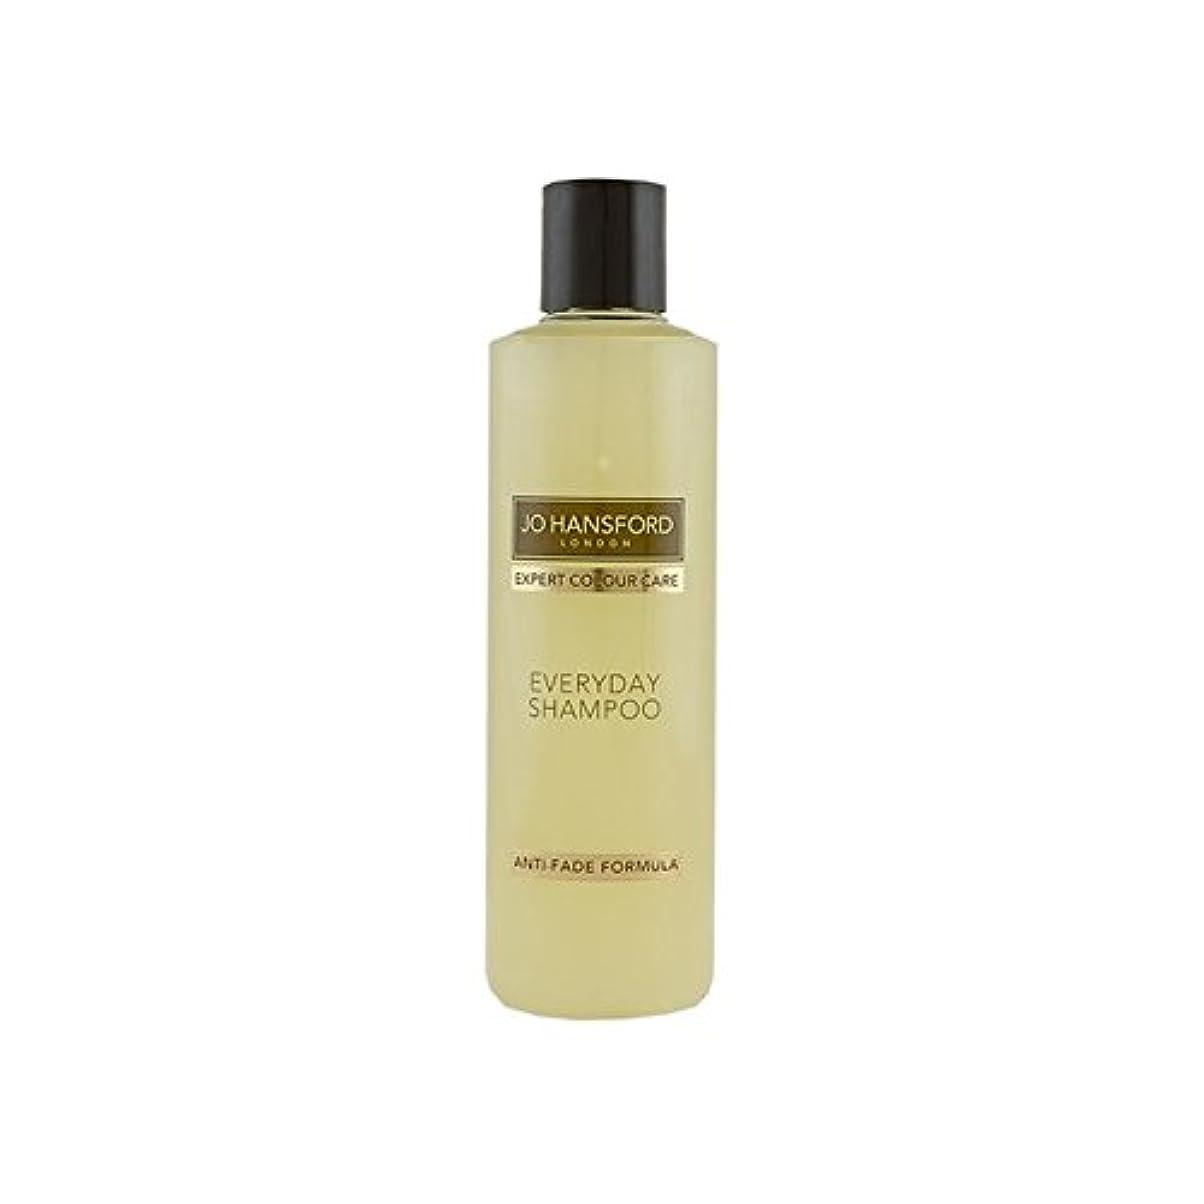 性差別ボンドためにジョー?ハンスフォード日常のシャンプー(250ミリリットル) x2 - Jo Hansford Everyday Shampoo (250ml) (Pack of 2) [並行輸入品]